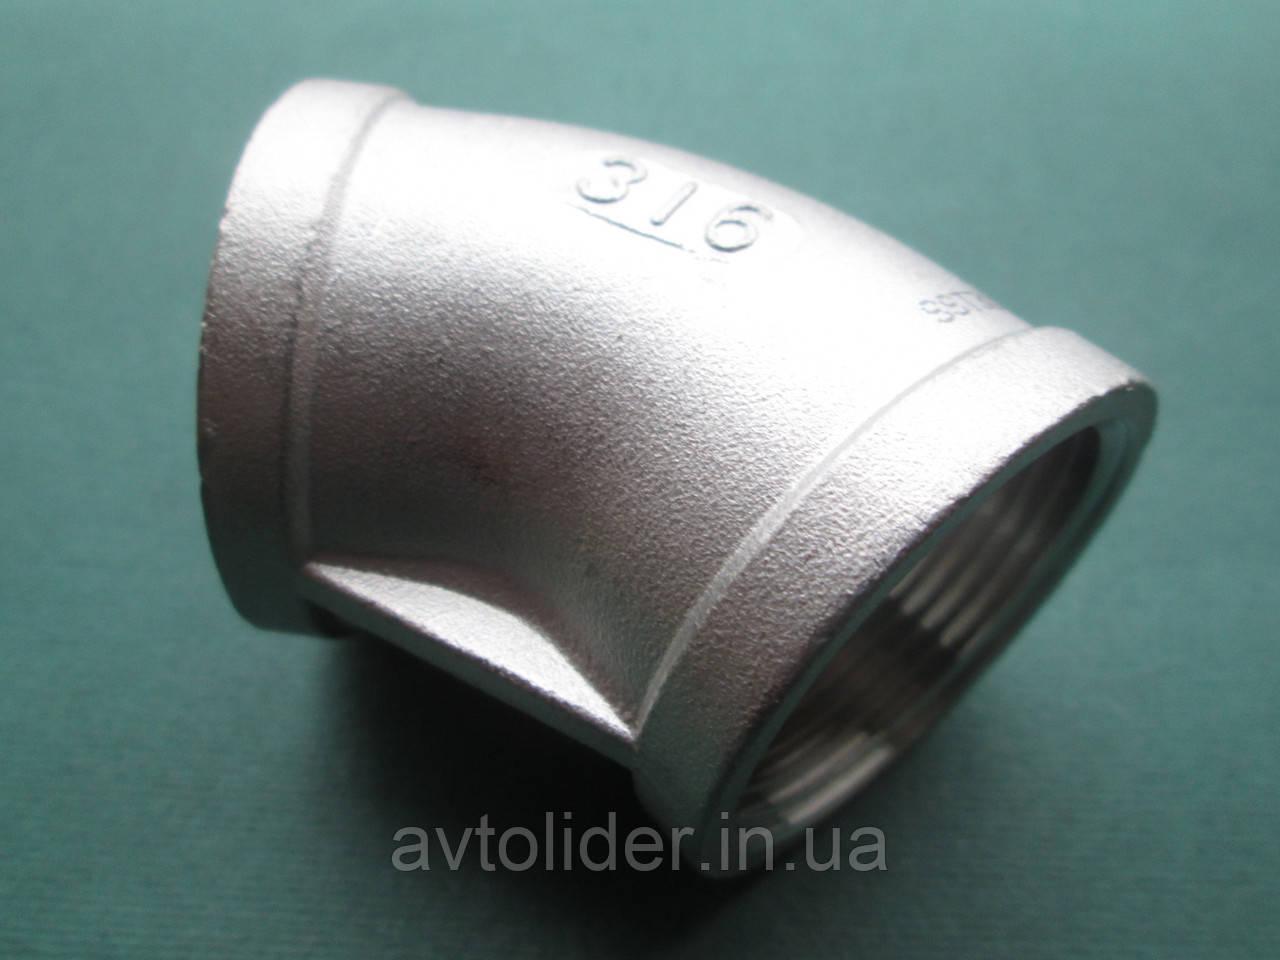 Отвод под 45 градусов из нержавеющей стали AISI 316 (А4), резьба внутренняя-внутренняя